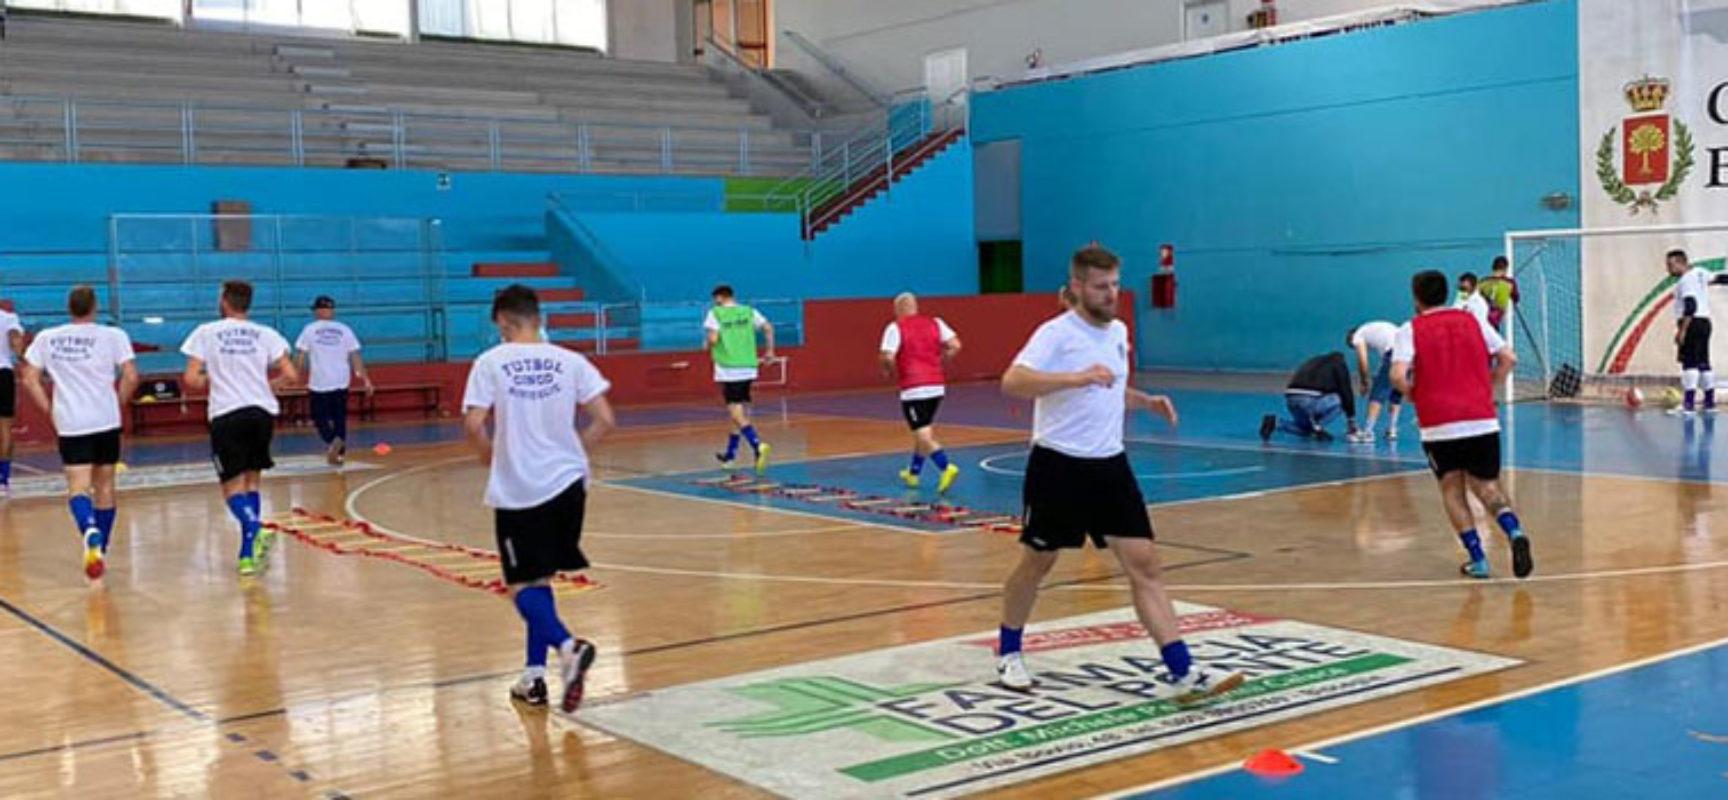 Futbol Cinco, ostico impegno contro la Futsal Andria